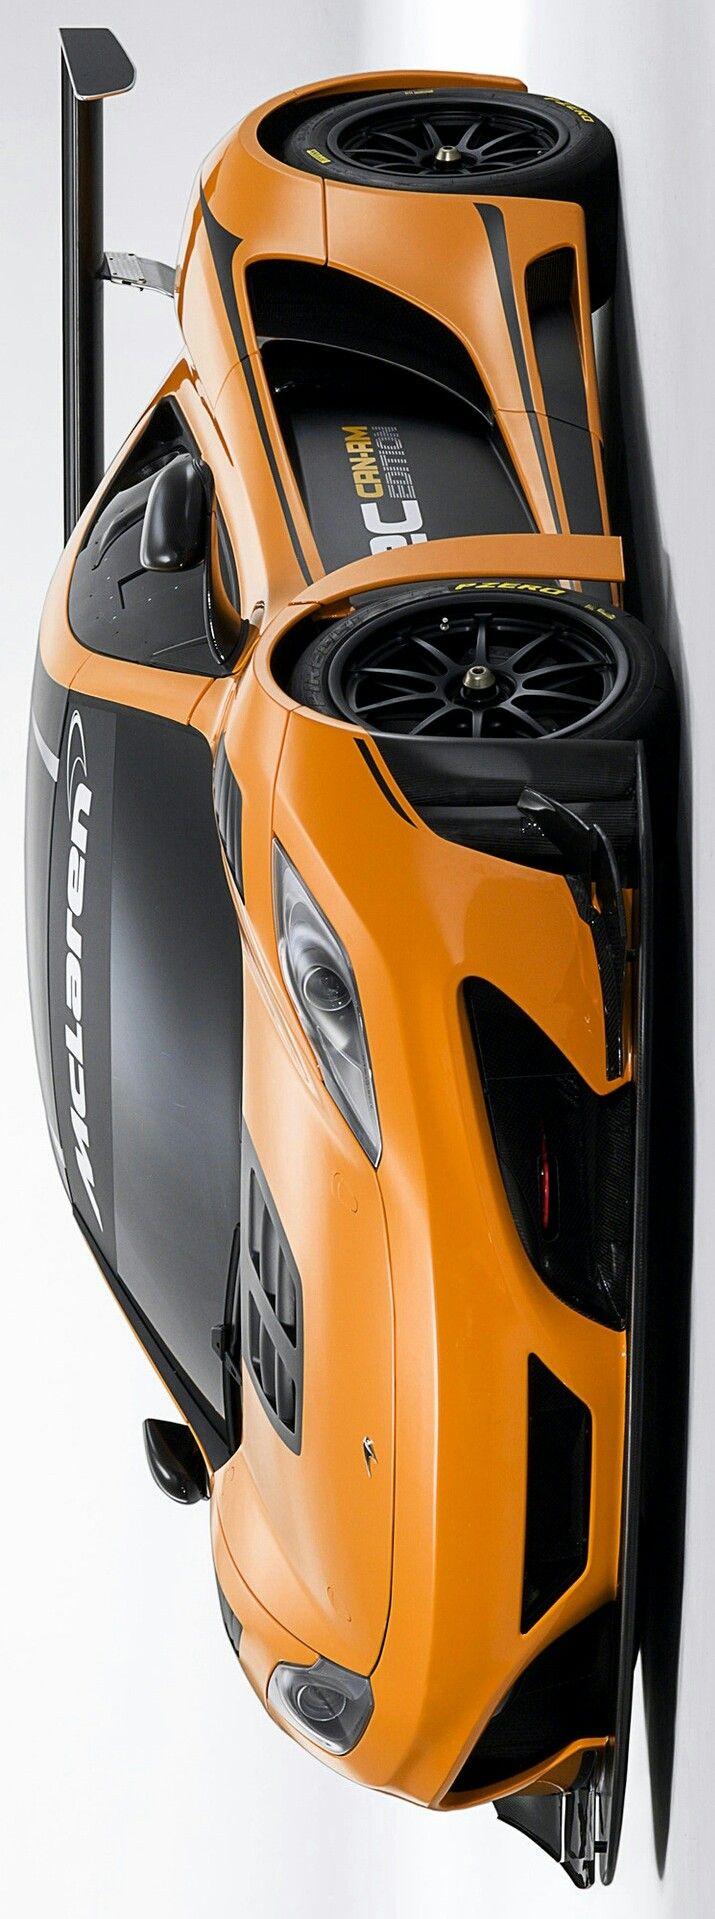 McLaren 12C GT Can-Am Edition by Levon